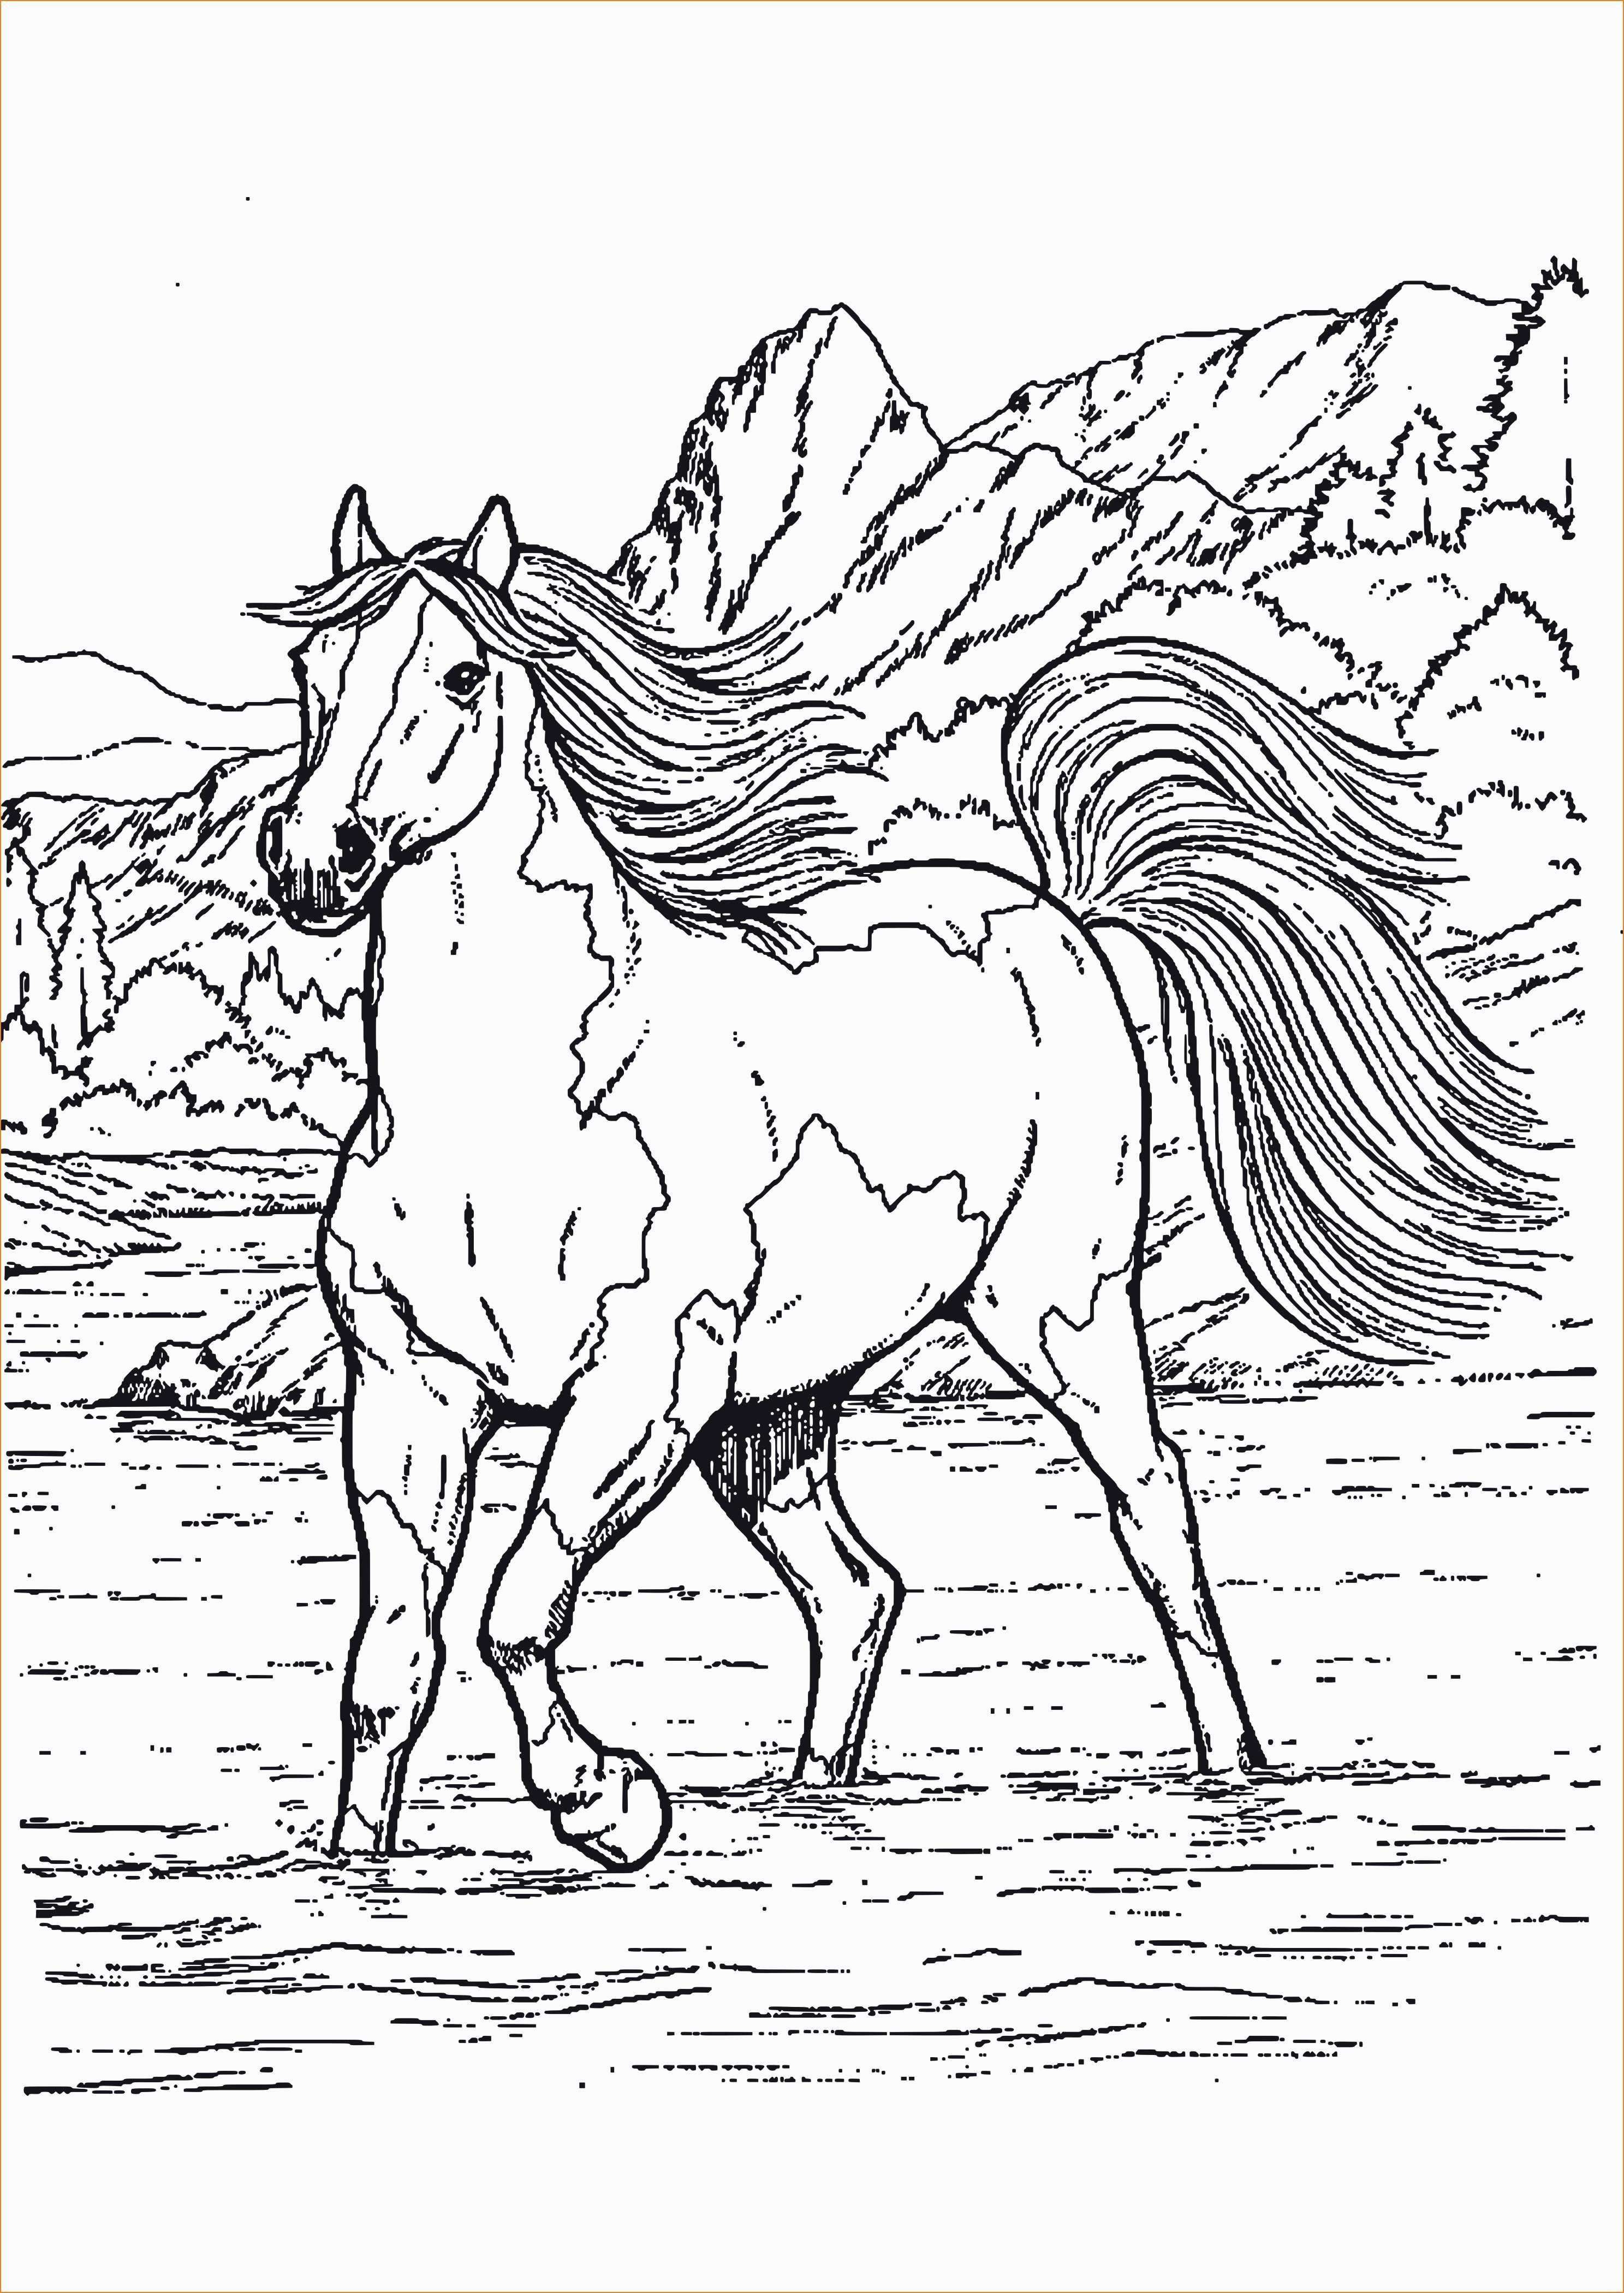 Pferde Bilder Zum Ausdrucken Inspirierend Pferde Ausmalbilder Zum Ausdrucken Kostenlos Kollektionen Von Bilder